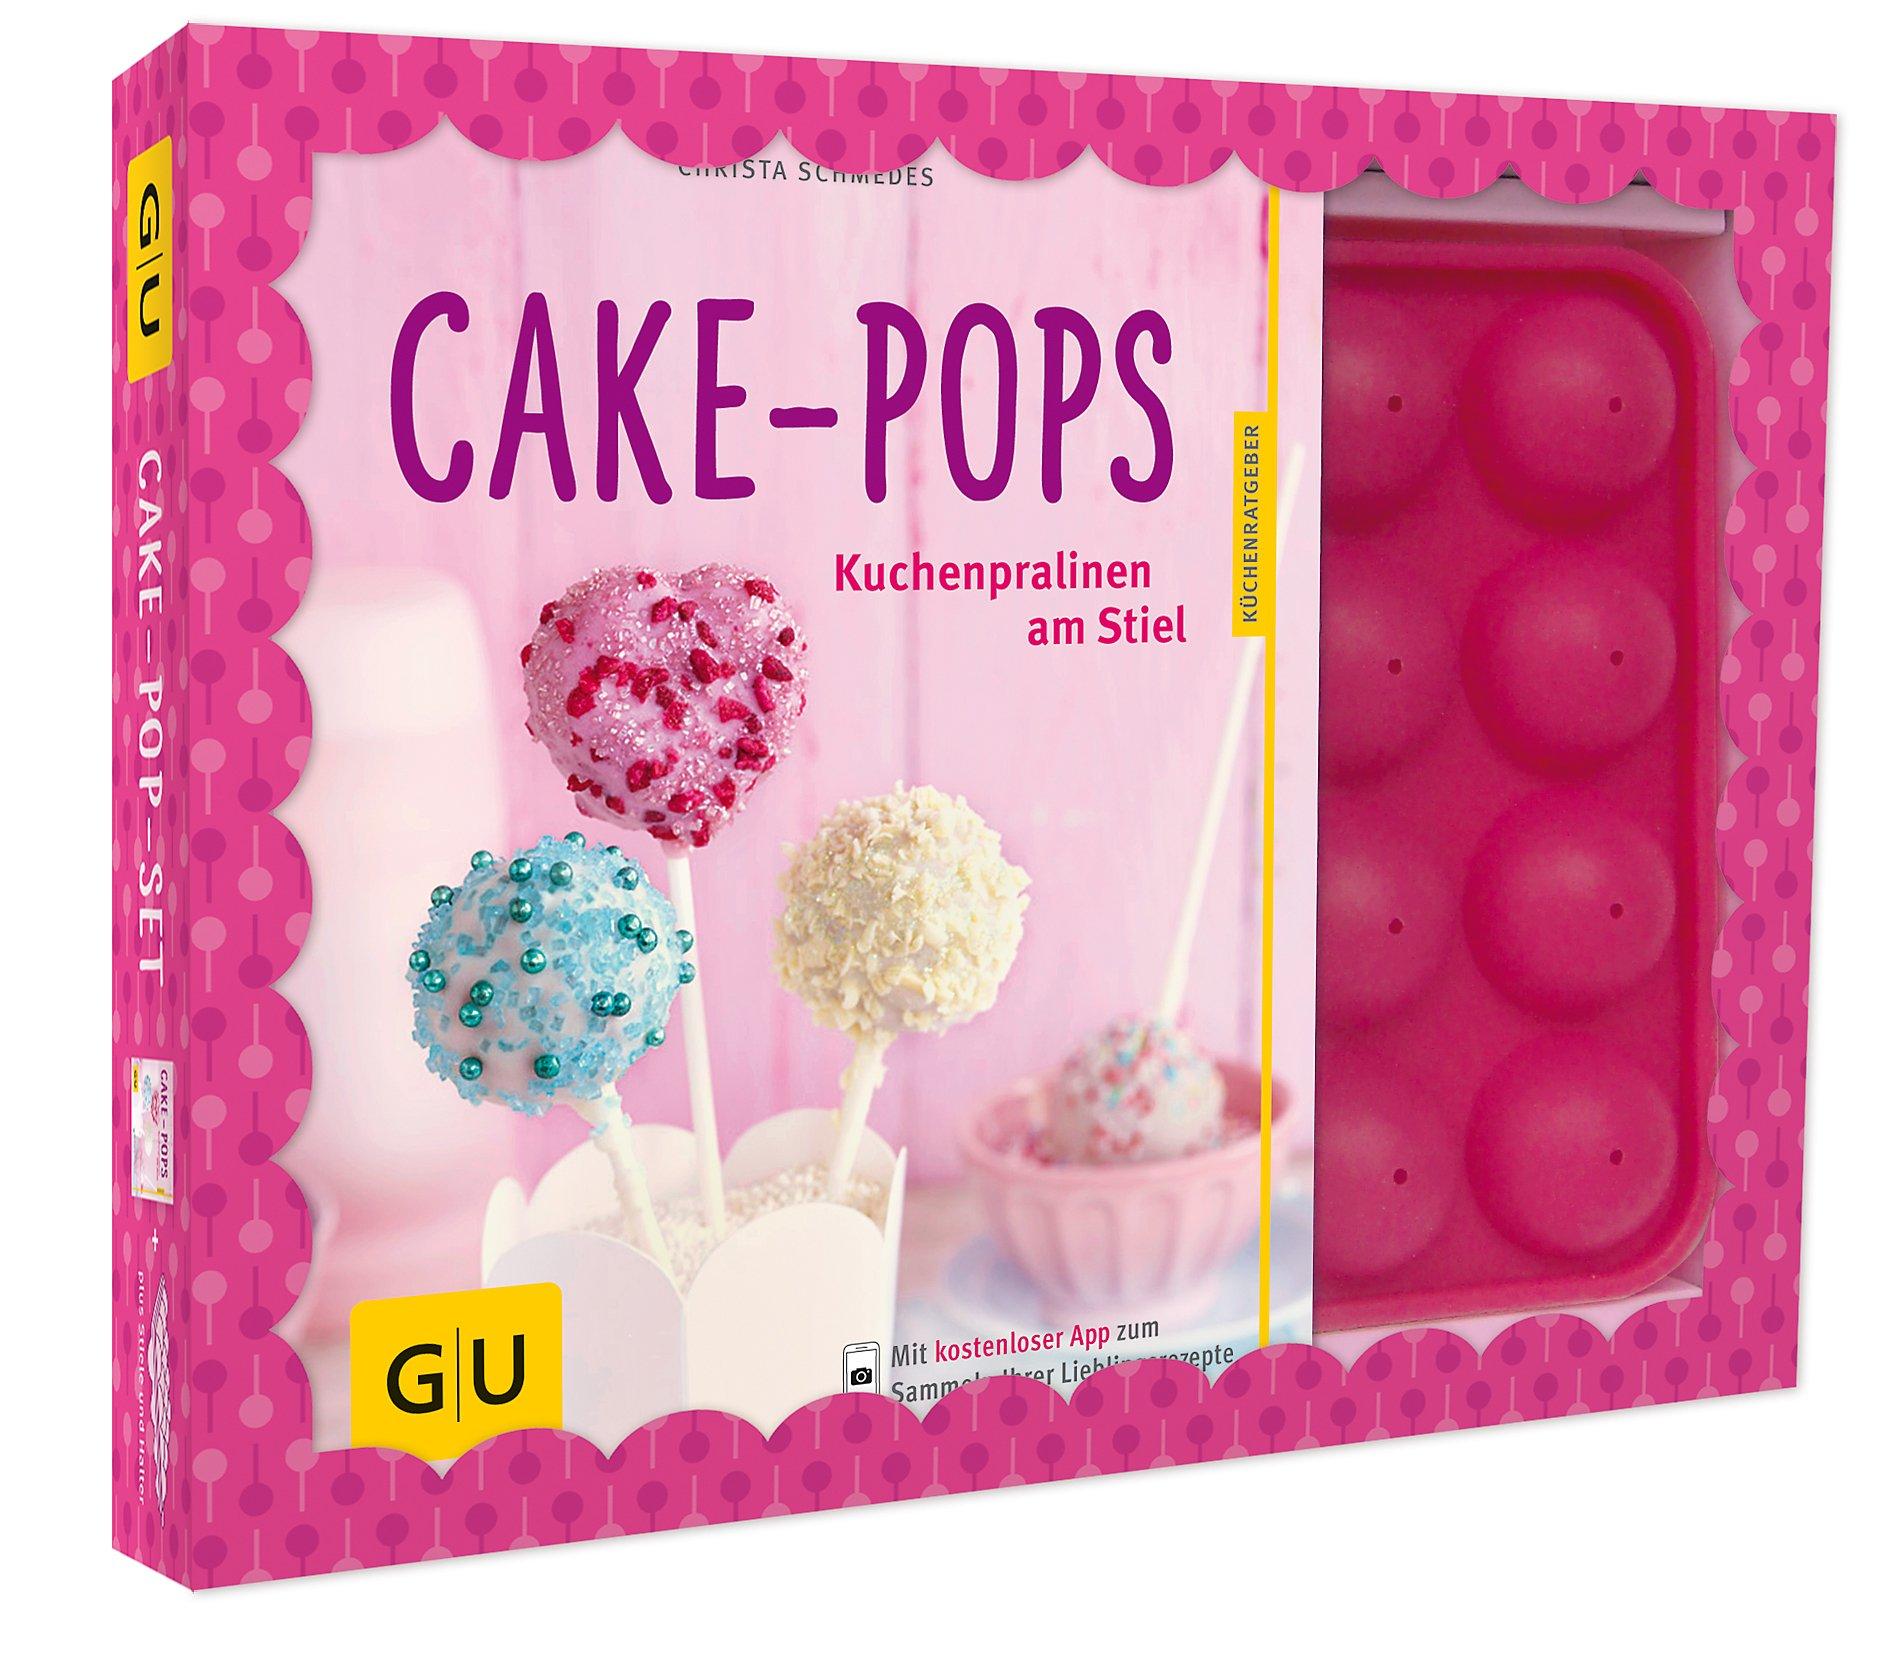 cake pop set buch mit backform und 20 cakepop stielen. Black Bedroom Furniture Sets. Home Design Ideas